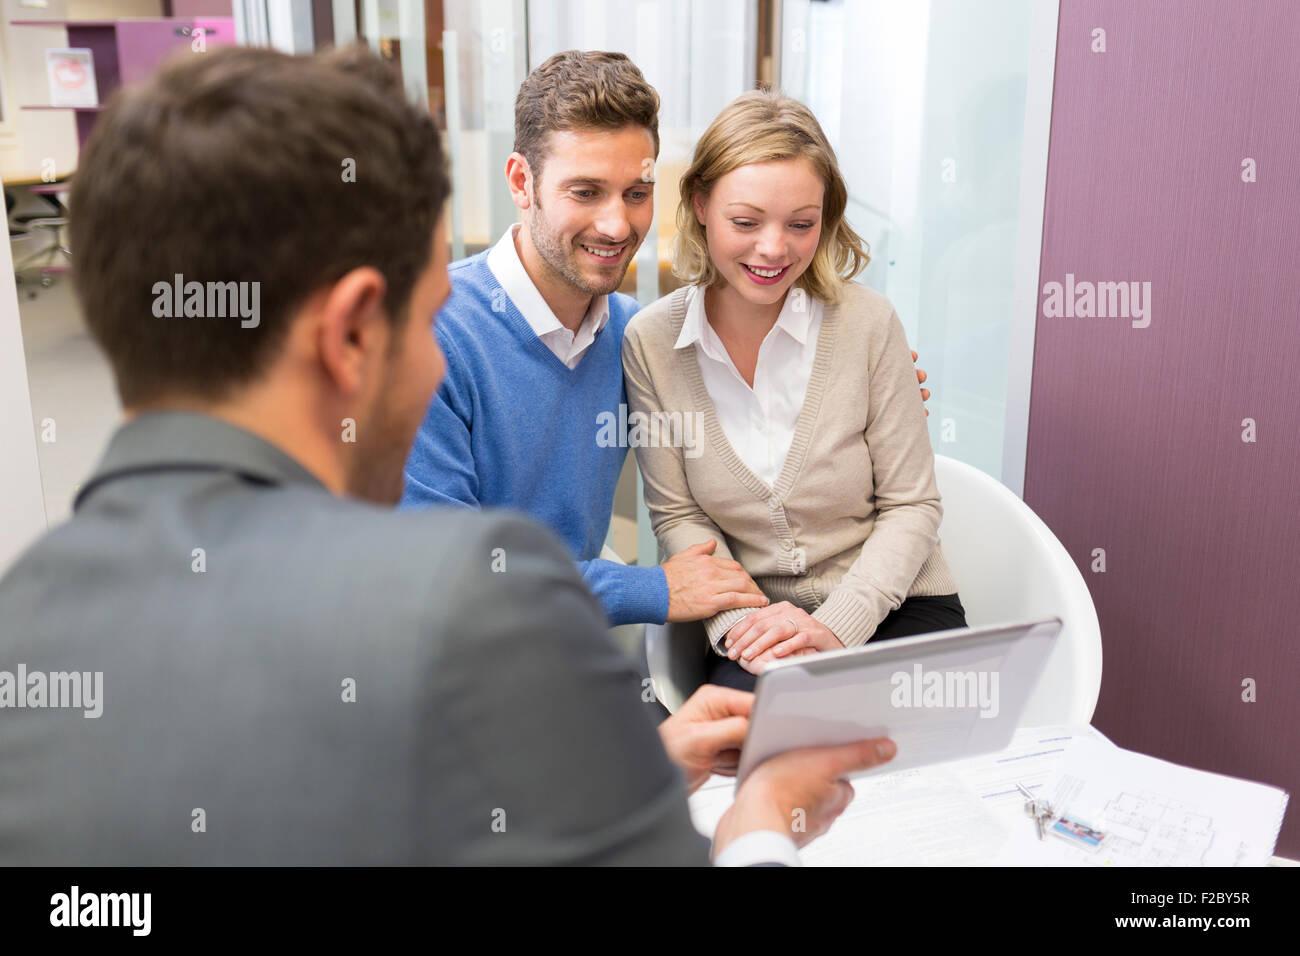 Conseiller financier à l'aide de tablette numérique et rencontre avec couple in office Banque D'Images